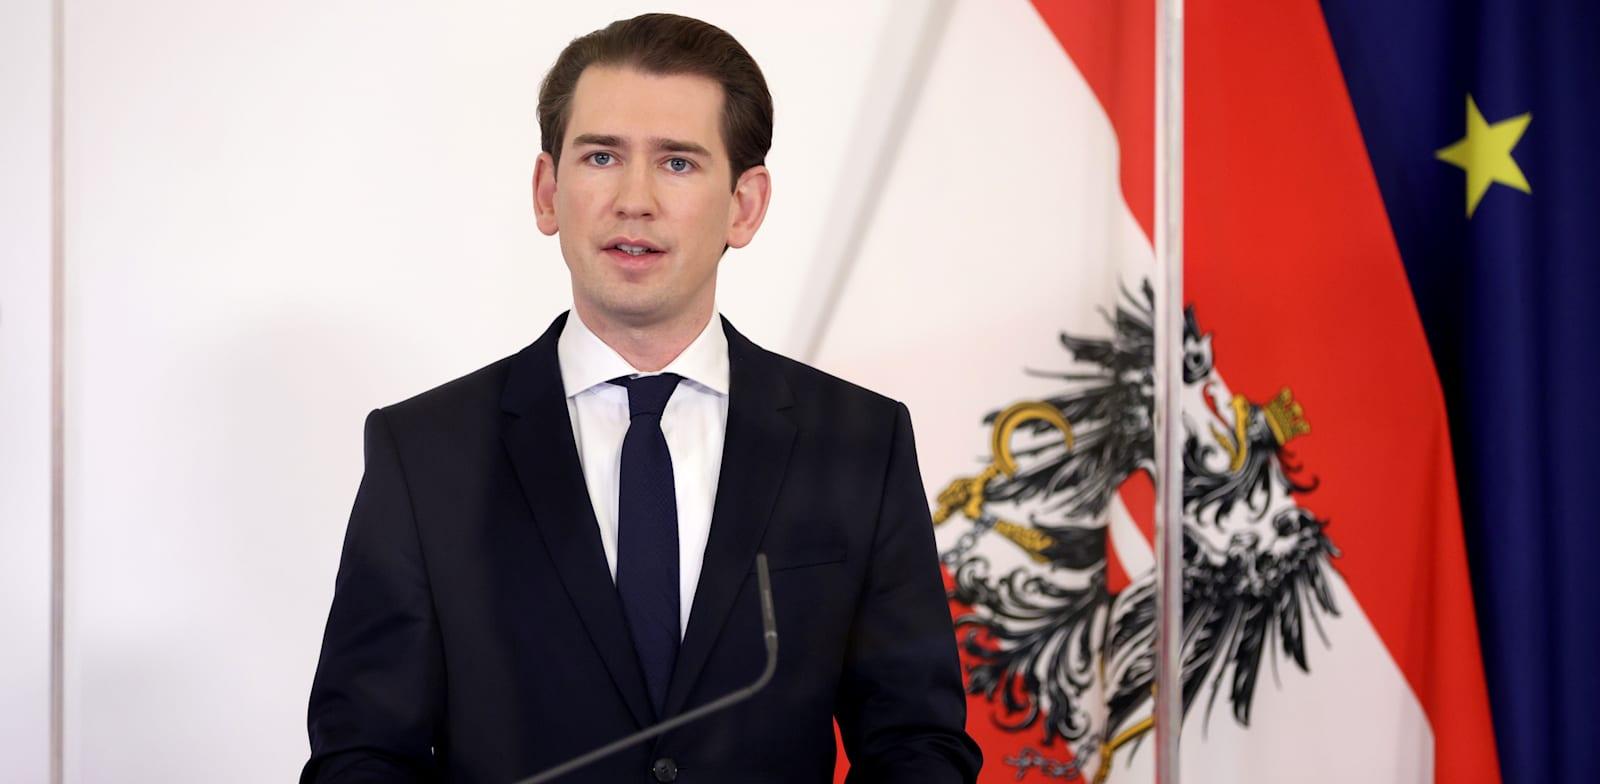 סבסטיאן קורץ, קאנצלר אוסטריה / צילום: Reuters, Lisi Niesner